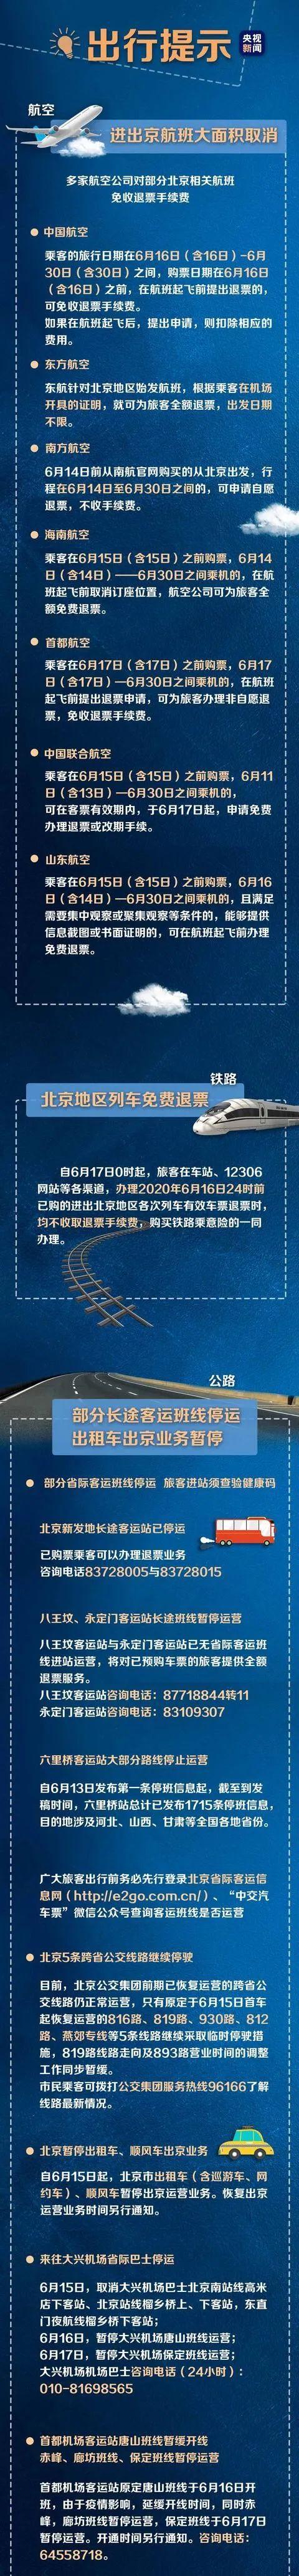 二级响应下,北京交通、景区改退措施有哪些?图片